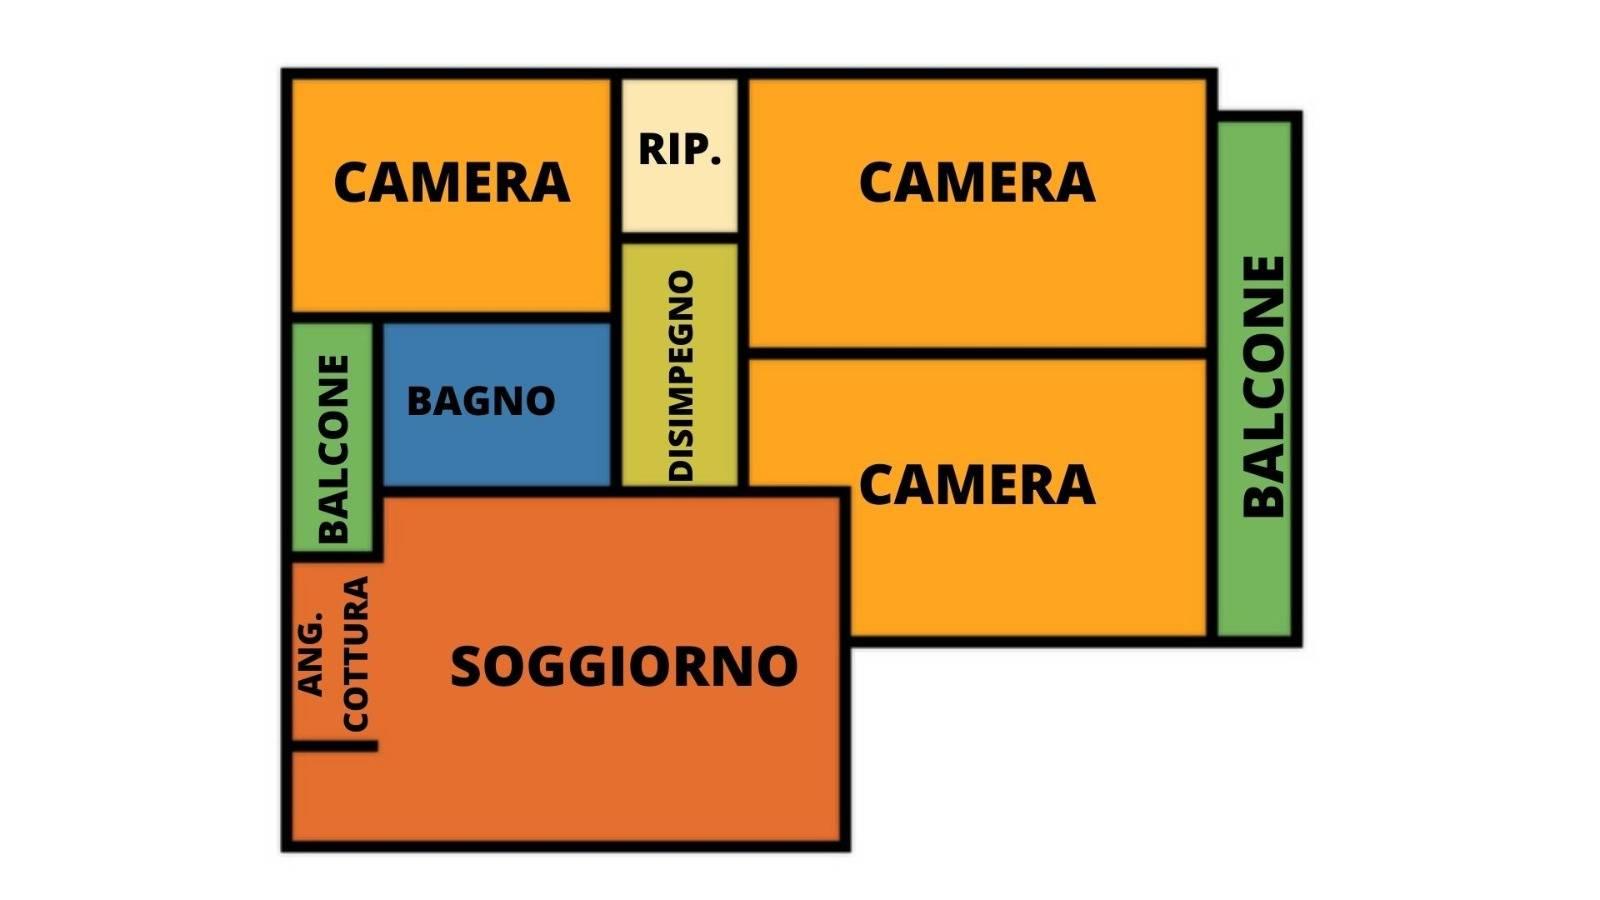 Appartamento in vendita a Quartu Sant'Elena, 4 locali, zona Località: CentroViaCagliari-Merello, prezzo € 119.000 | PortaleAgenzieImmobiliari.it